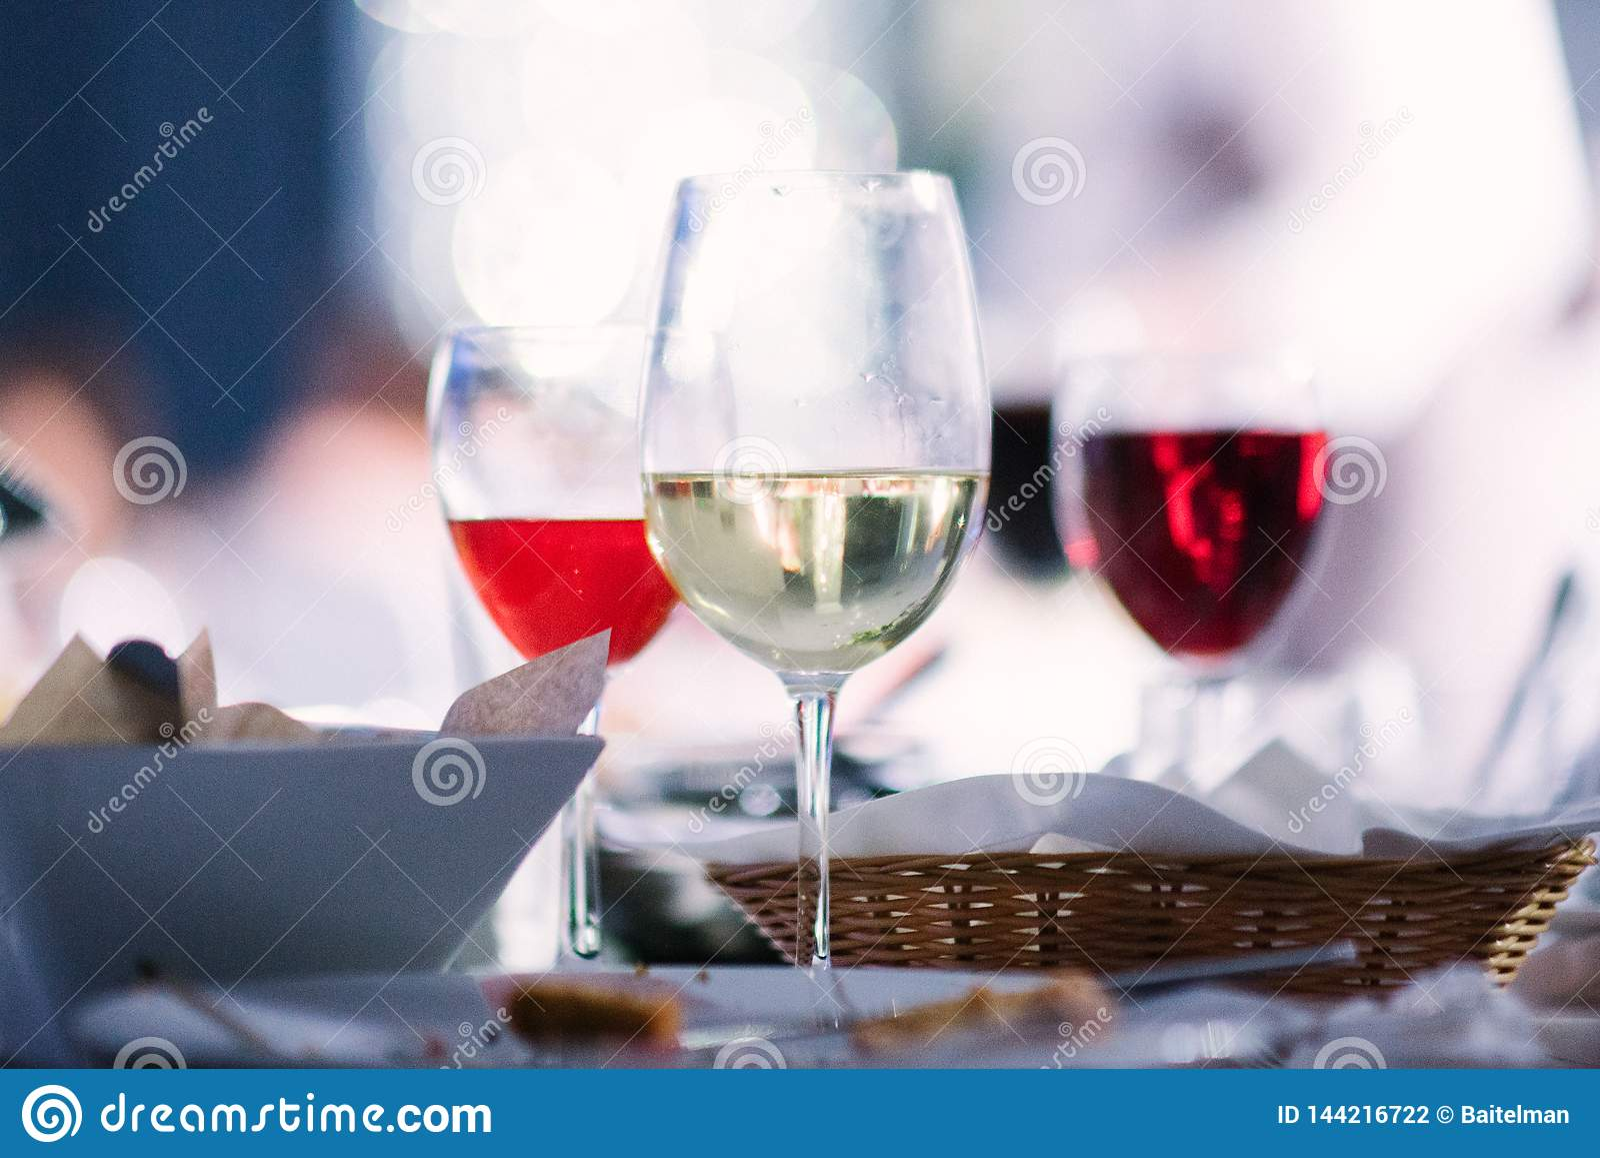 Κρασί των διαφορετικών ποικιλιών στα γυαλιά στον πίνακα